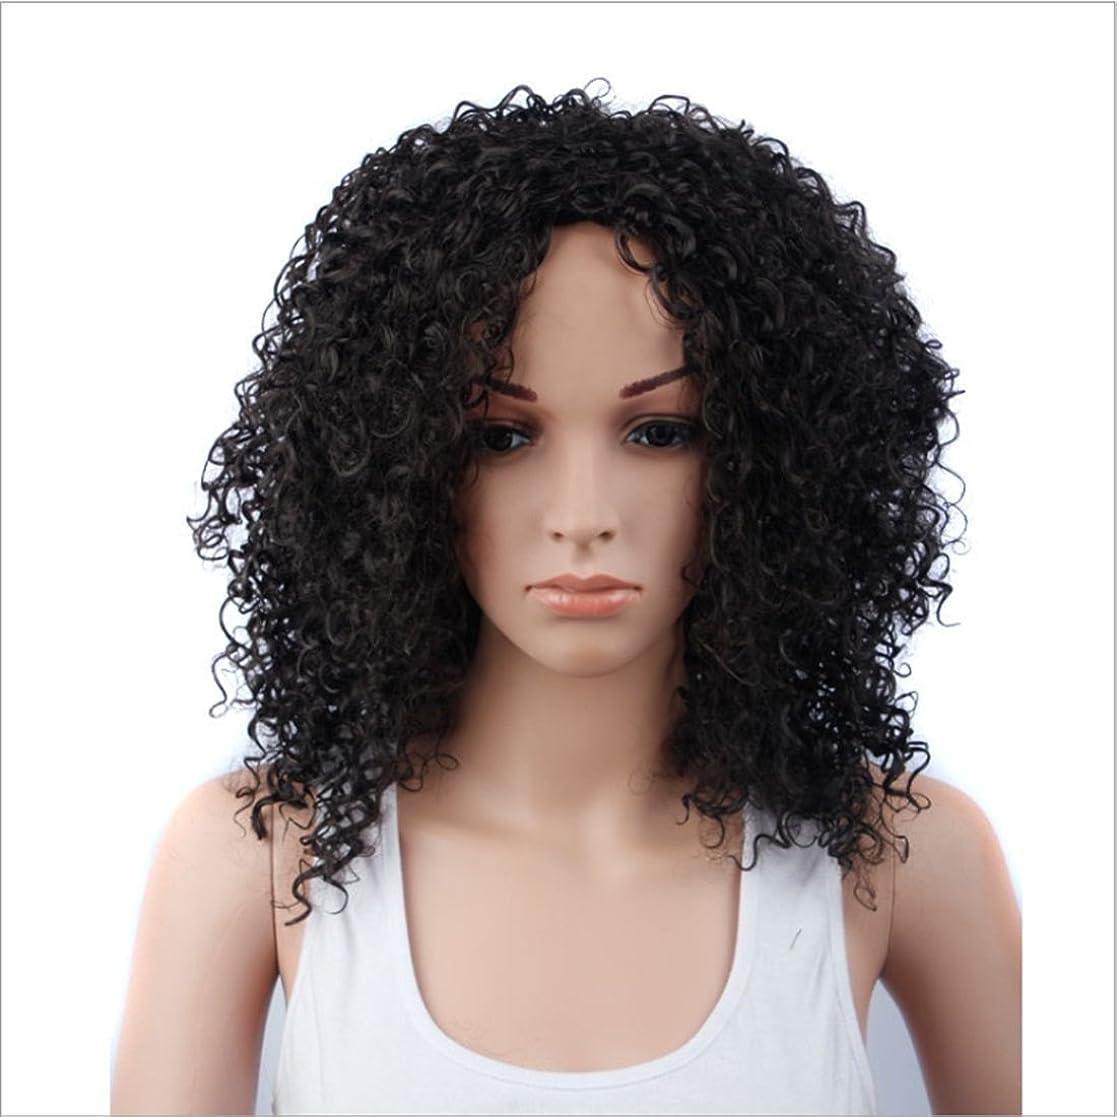 トースト拍車バタフライBOBIDYEE 女性のための15インチの合成高温かつら長い前髪のある短い巻き毛のかつら自然な色のかつら耐熱210g(ワインレッド、黒)ファッションかつら (色 : 黒)